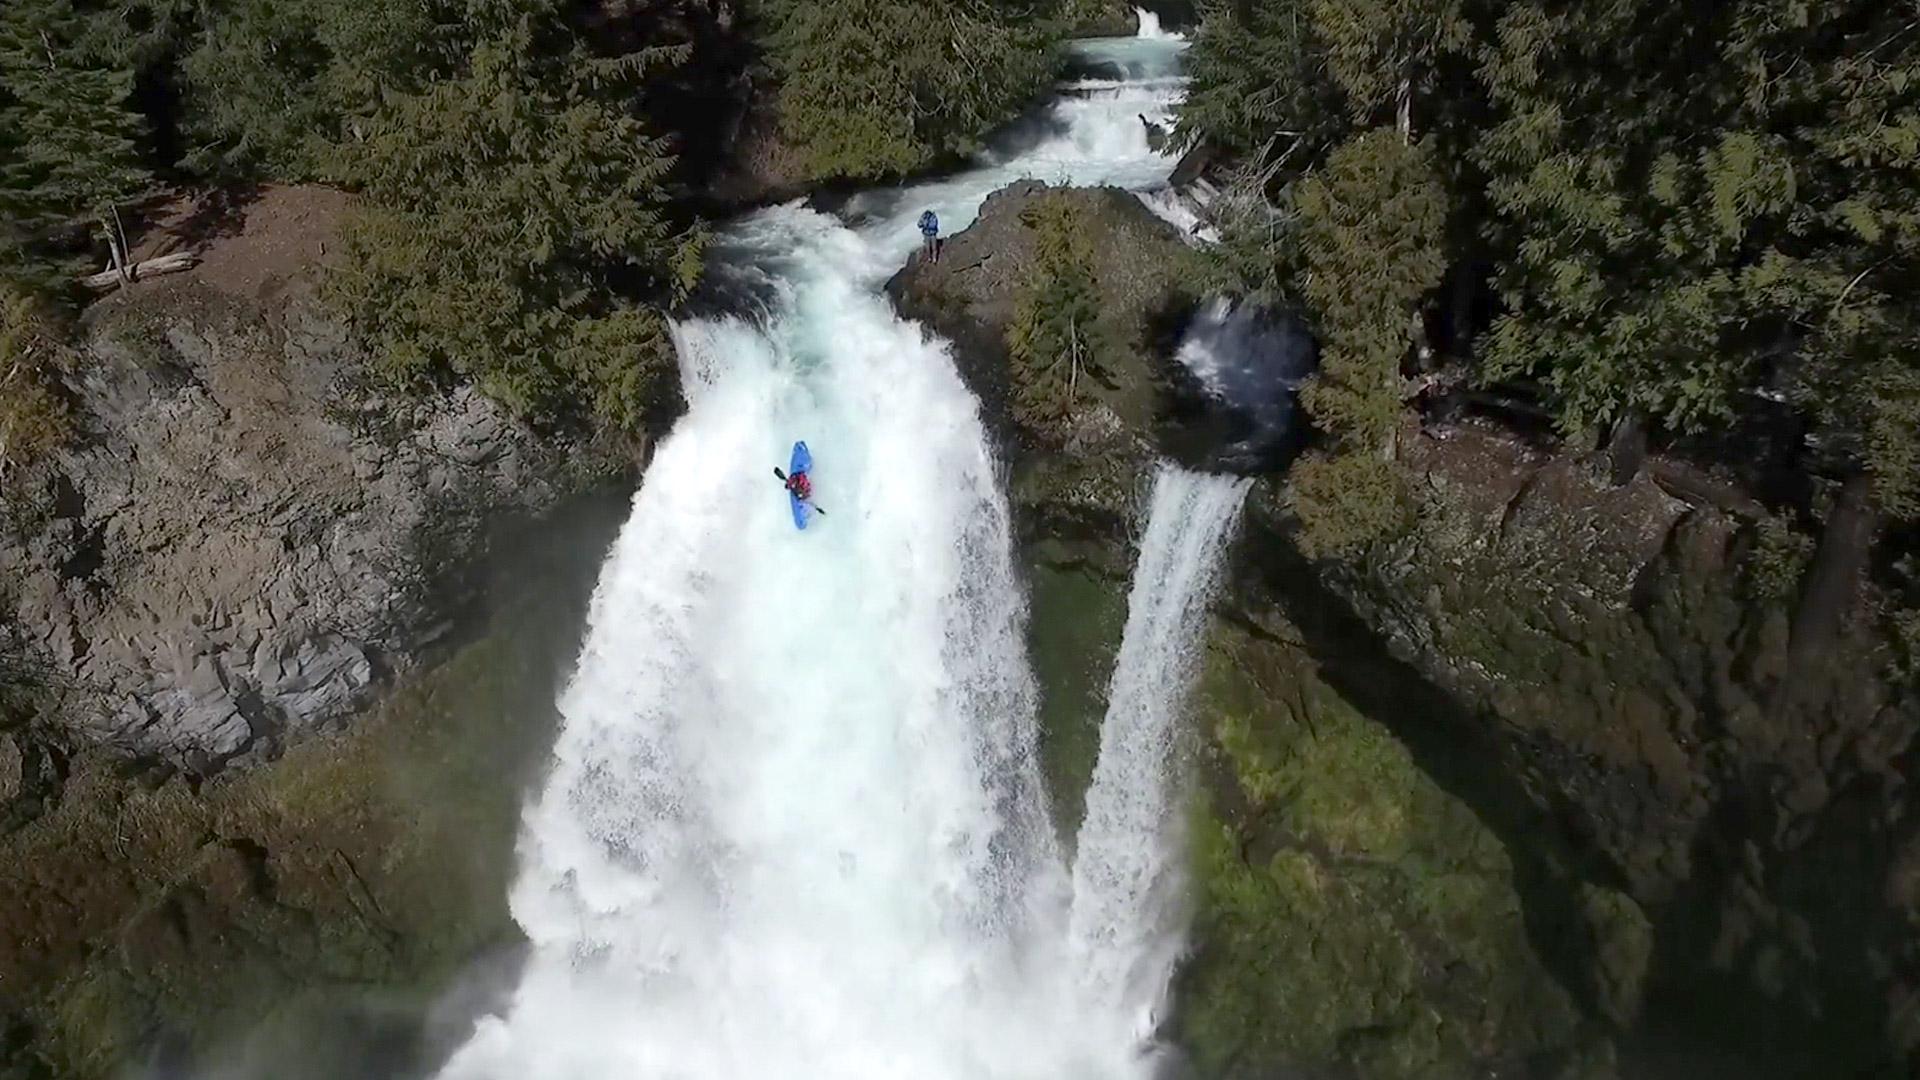 Purer Adrenalinrausch im Wasserfall mit dem Paddel in der Hand